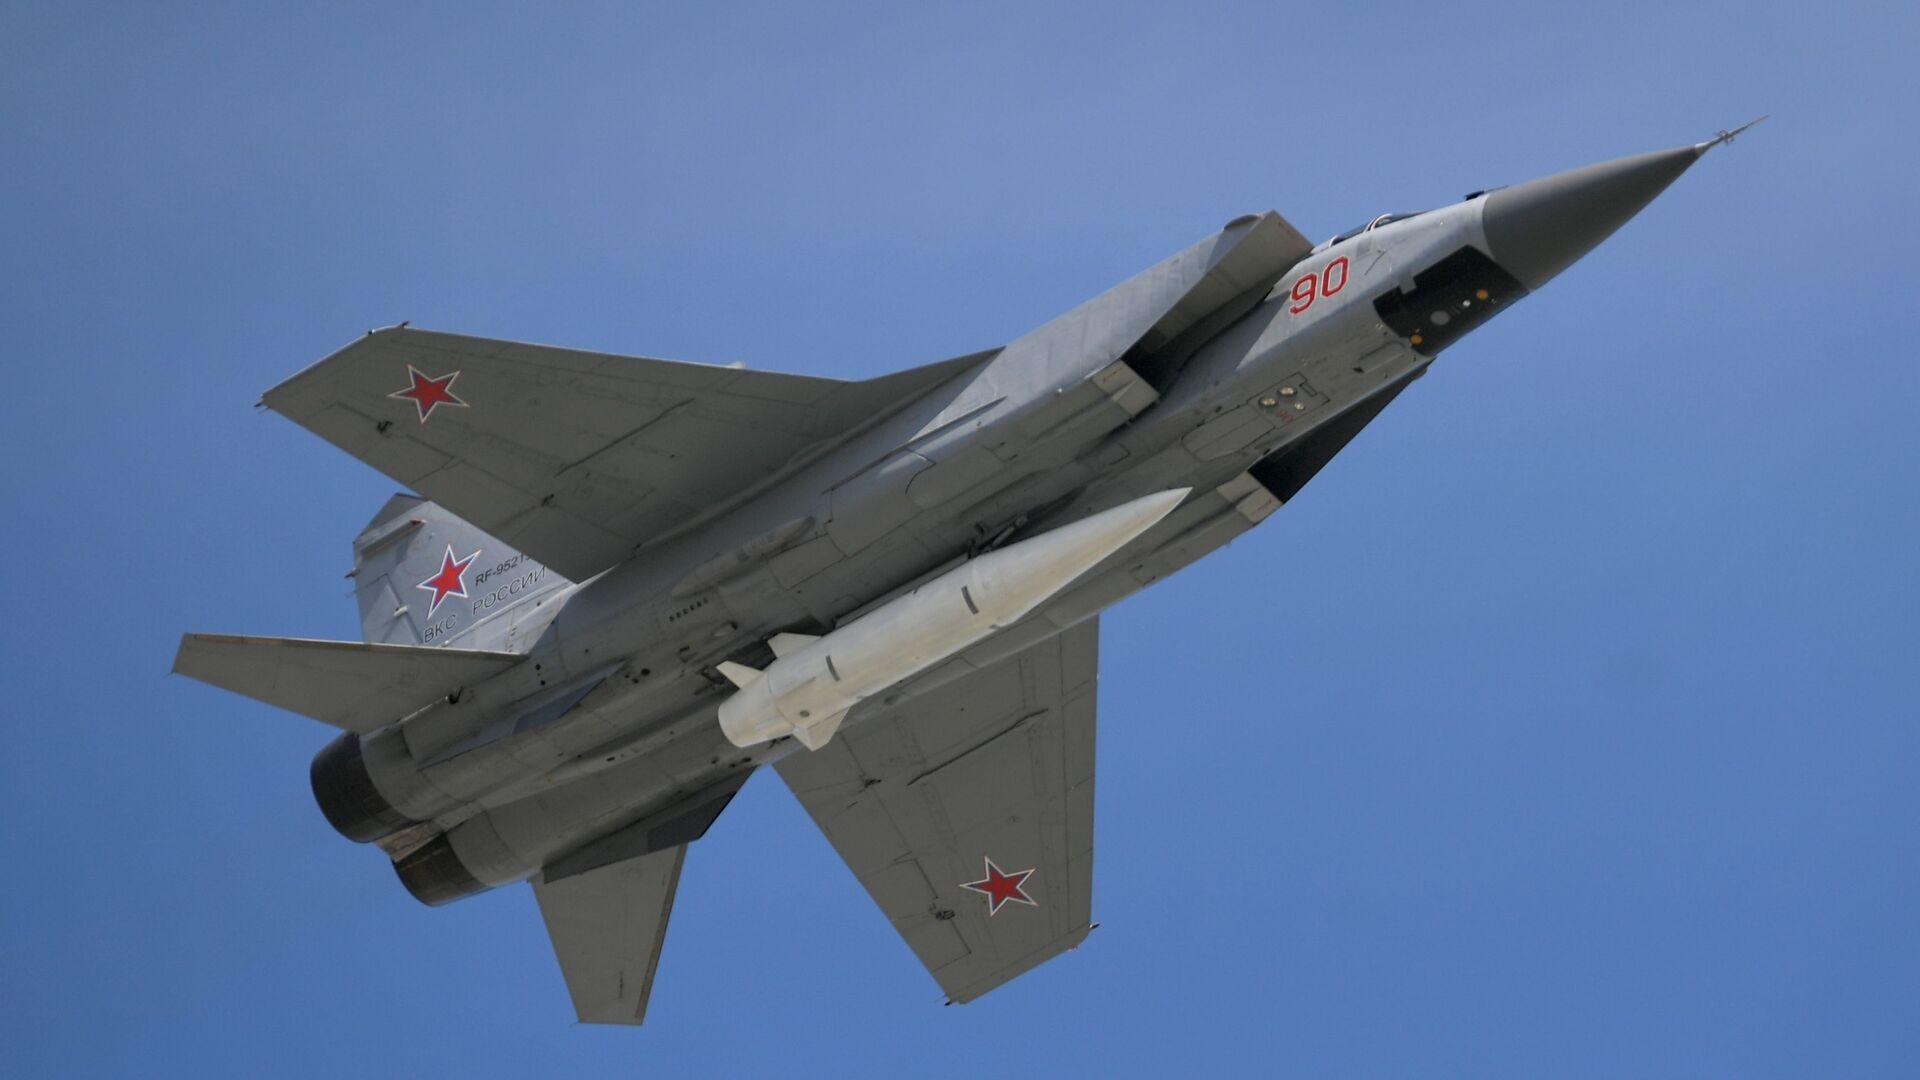 Stíhačka MiG-31 s nadzvukovou raketou Kinžal - Sputnik Česká republika, 1920, 11.09.2021